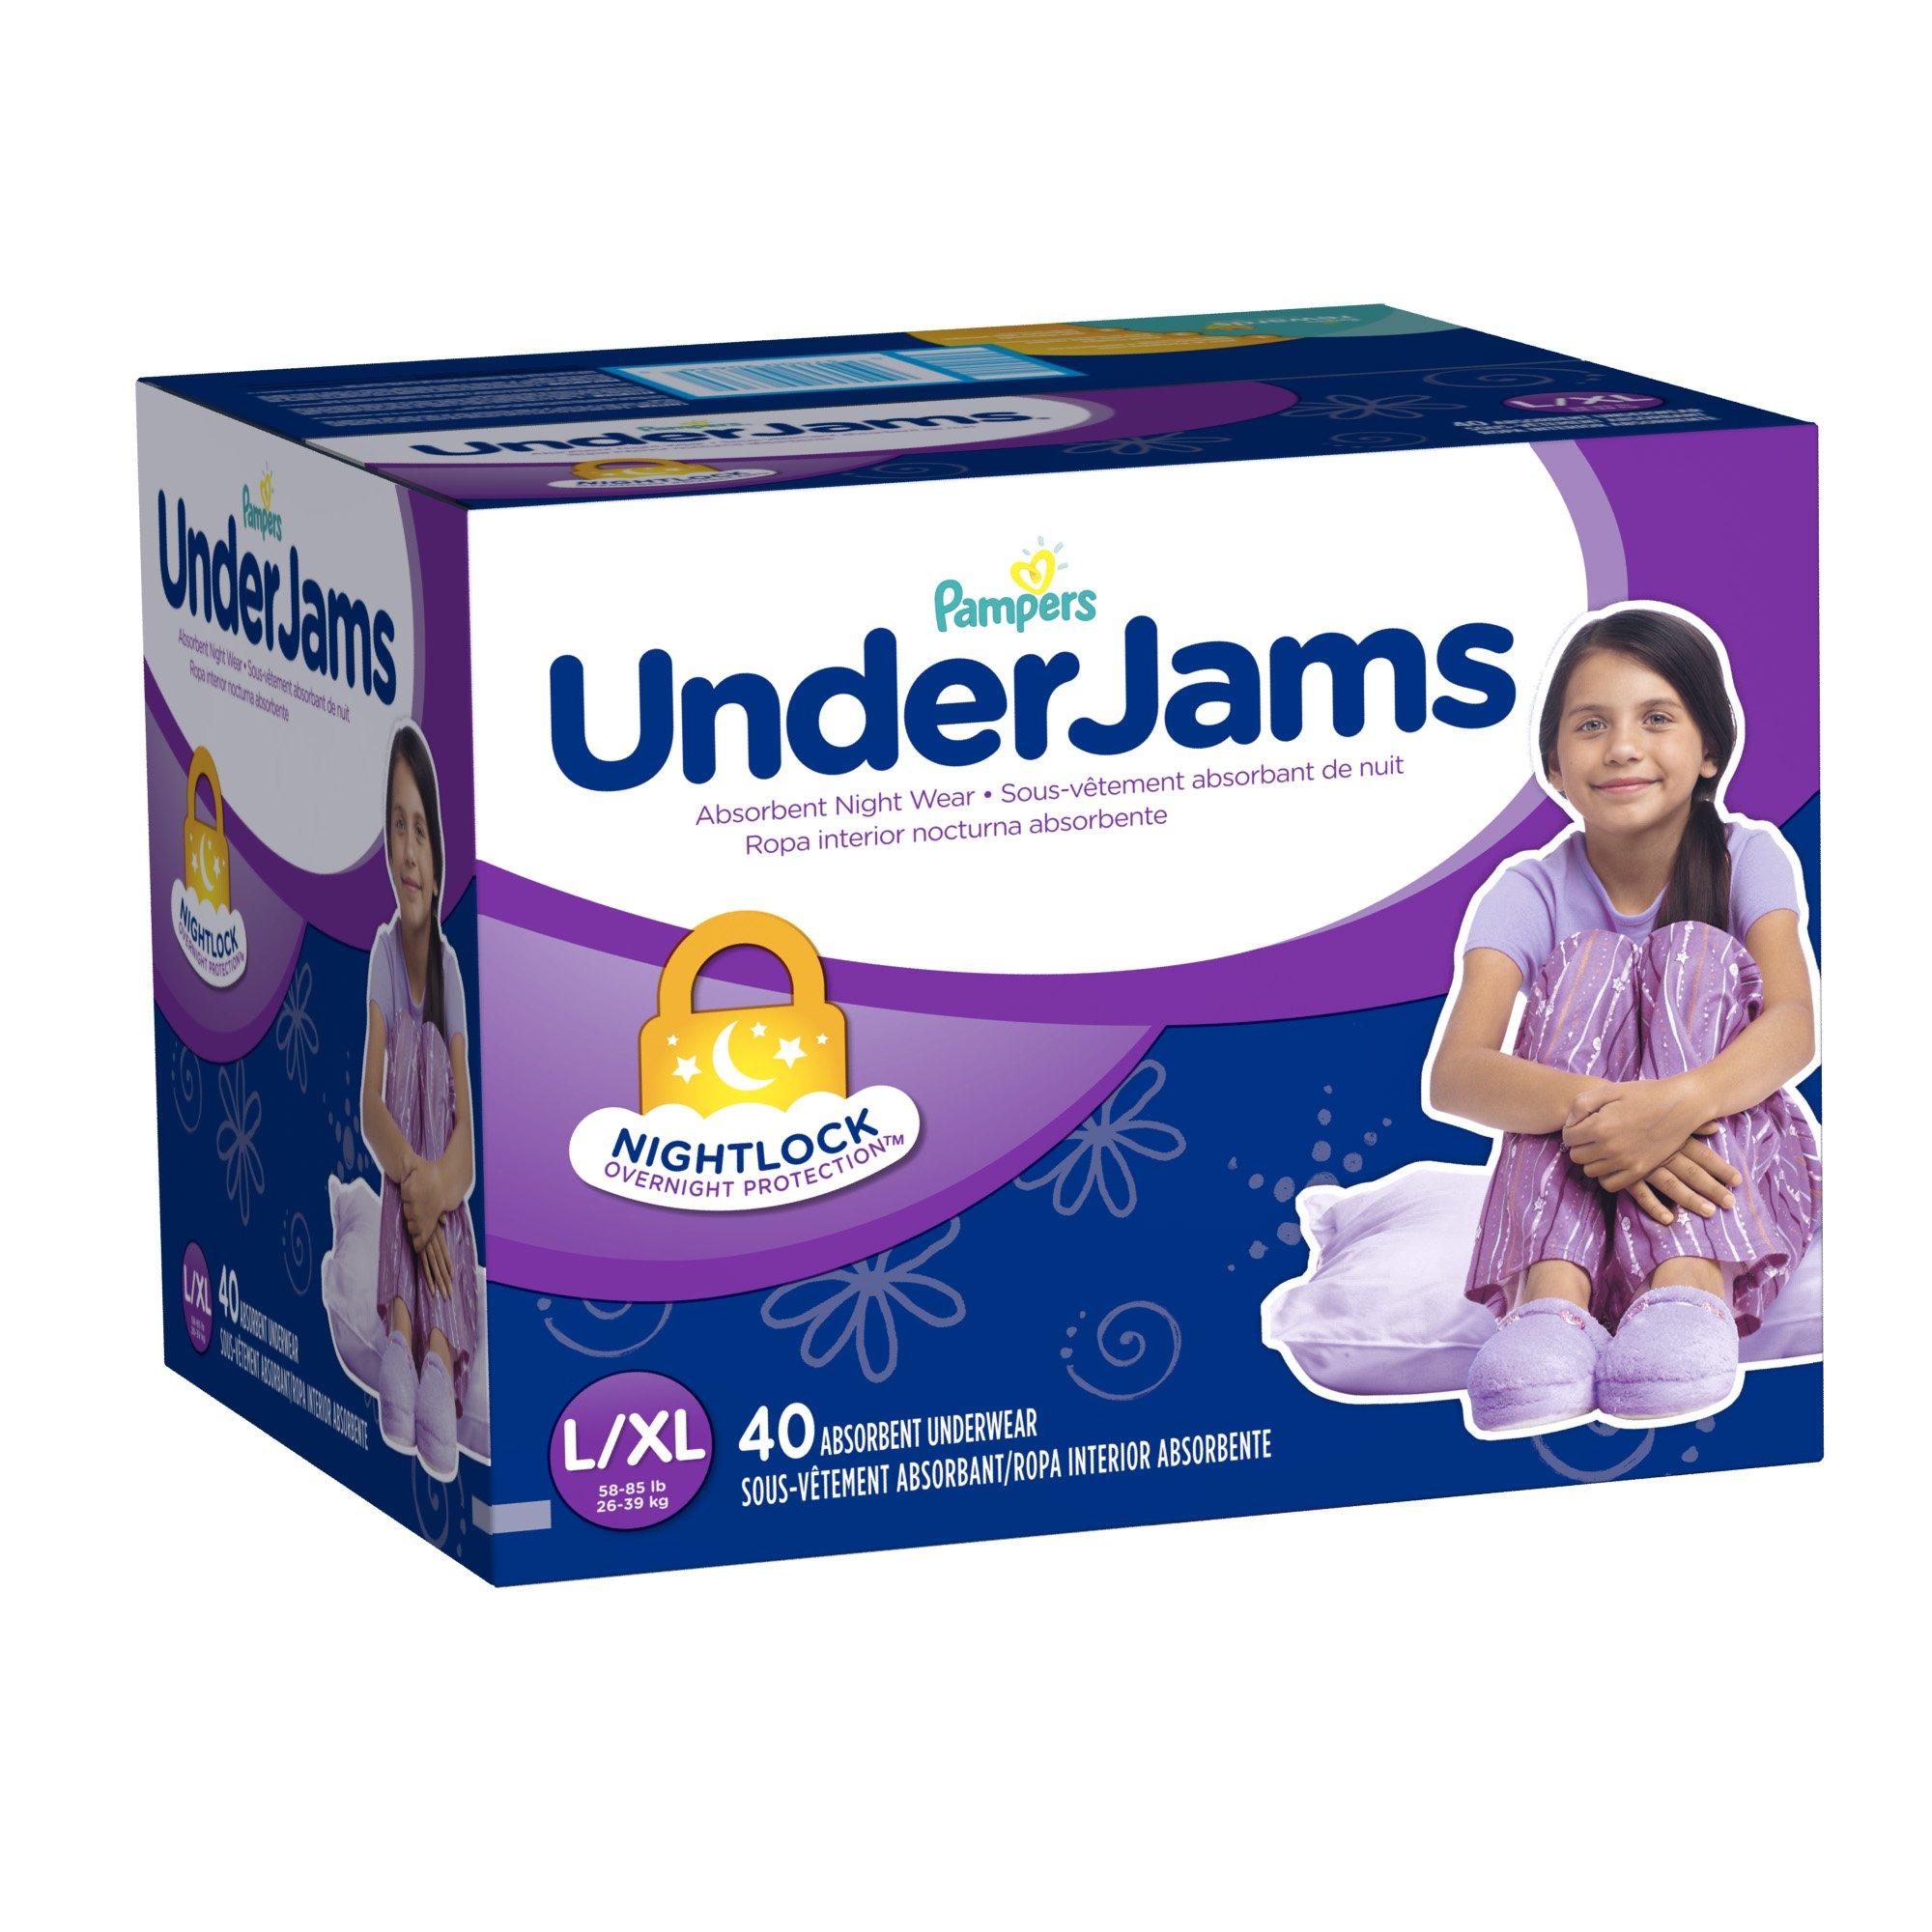 Pampers Underjams Absorbent Nightwear, 40 Count